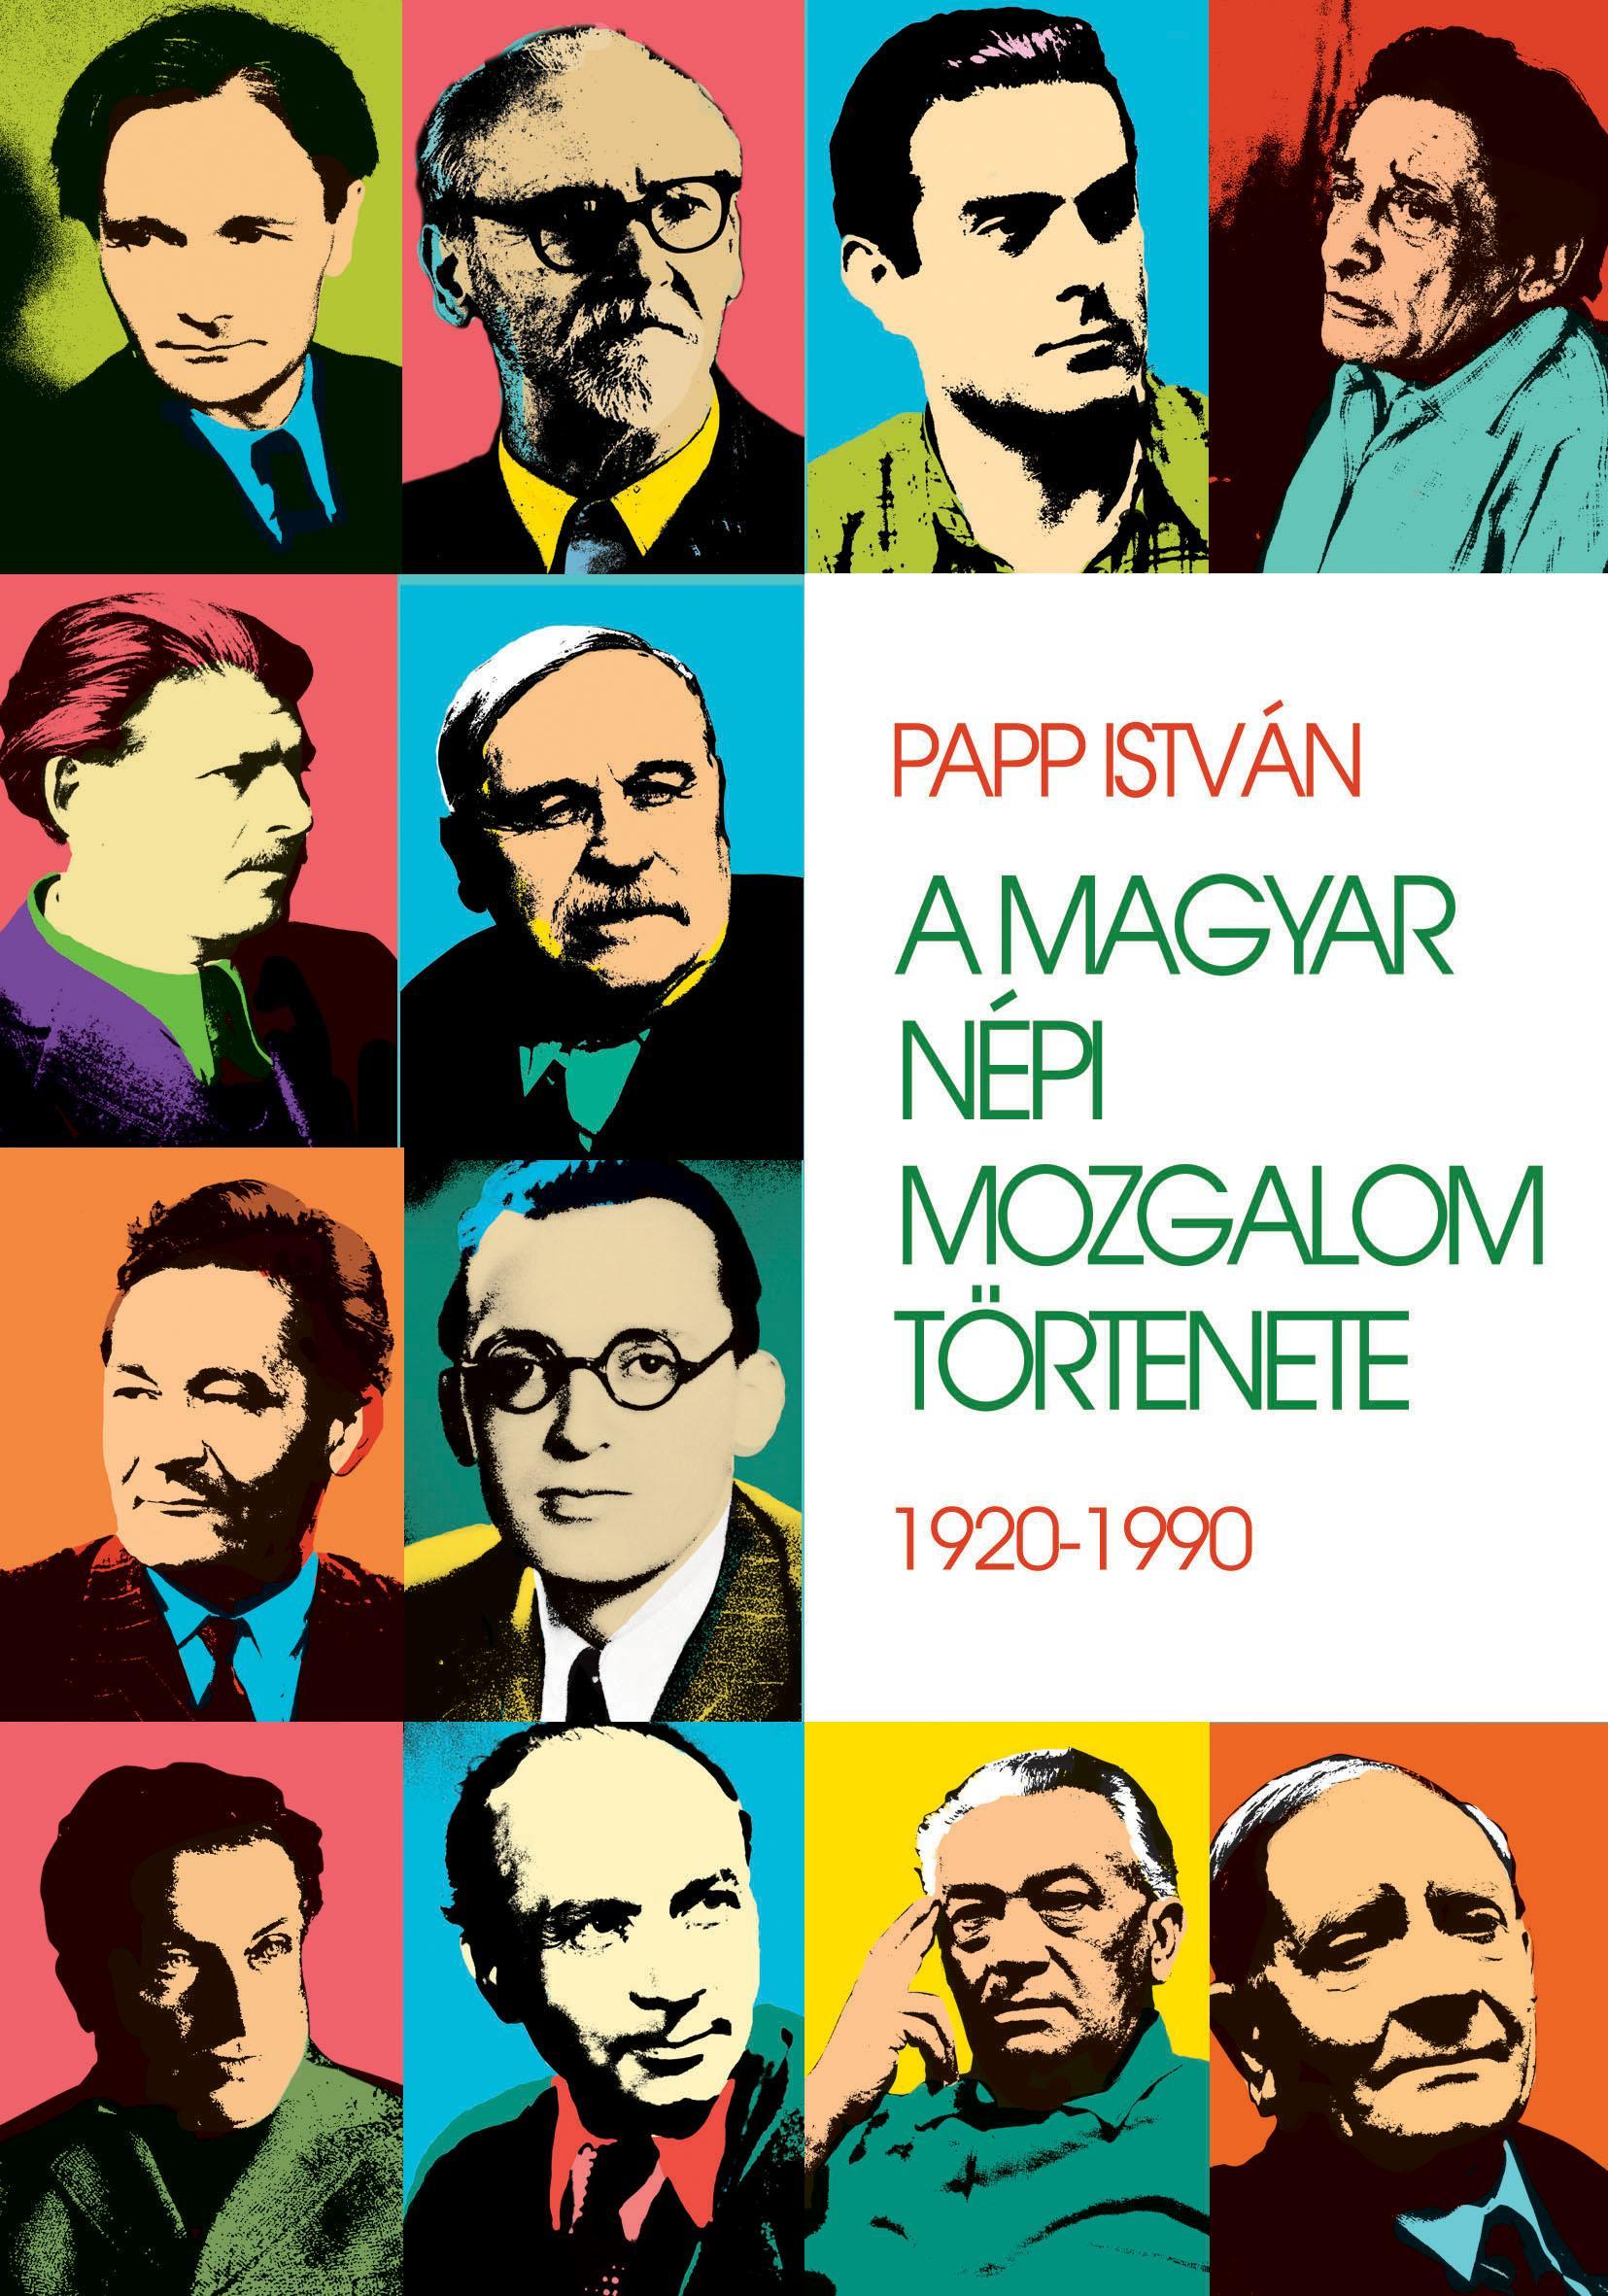 PAPP ISTVÁN - A MAGYAR NÉPI MOZGALOM TÖRTÉNETE 1920-1990